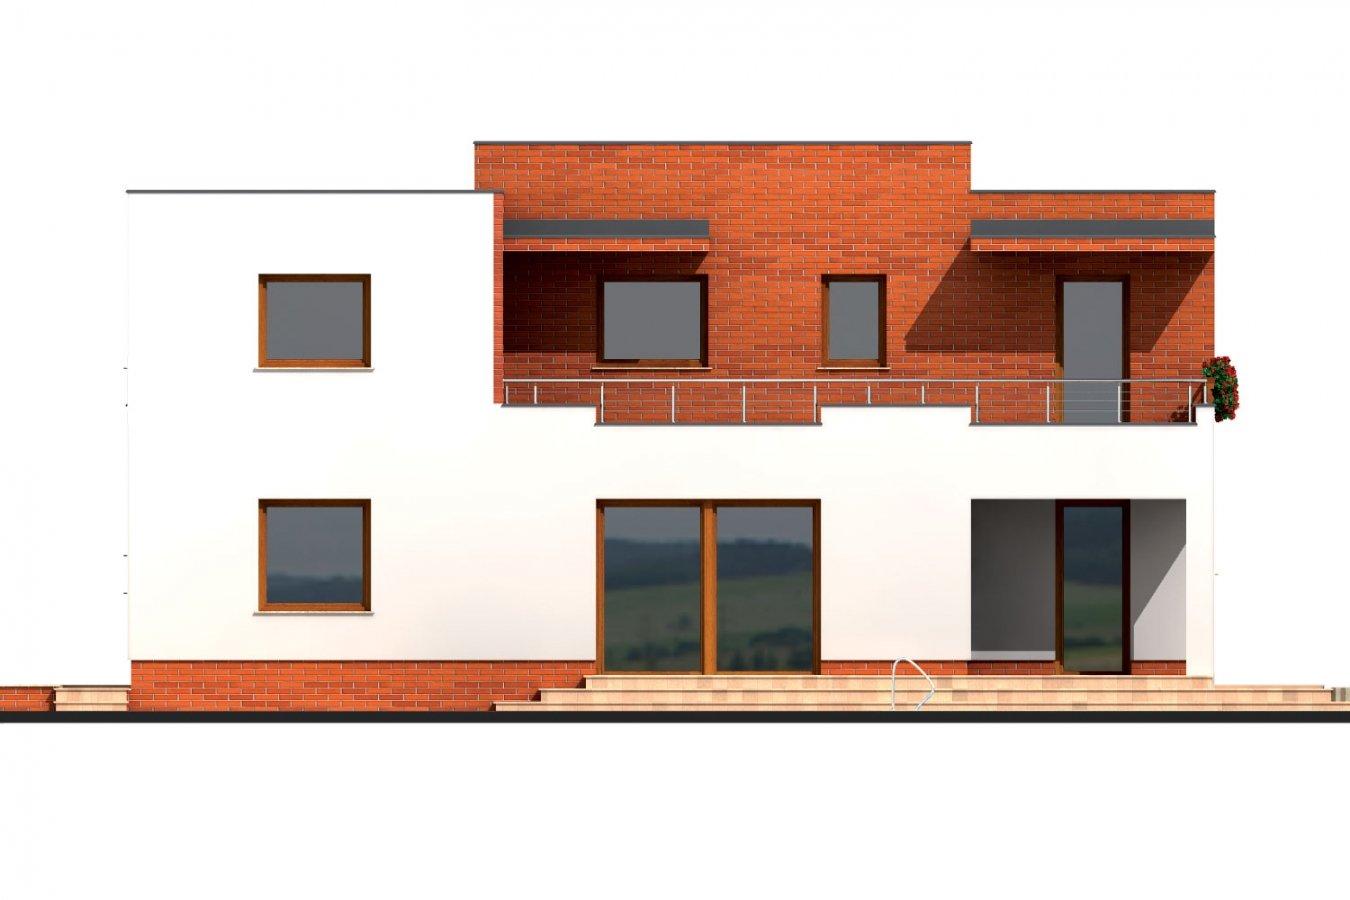 Pohľad 3. - Veľký dom s plochou strechou.